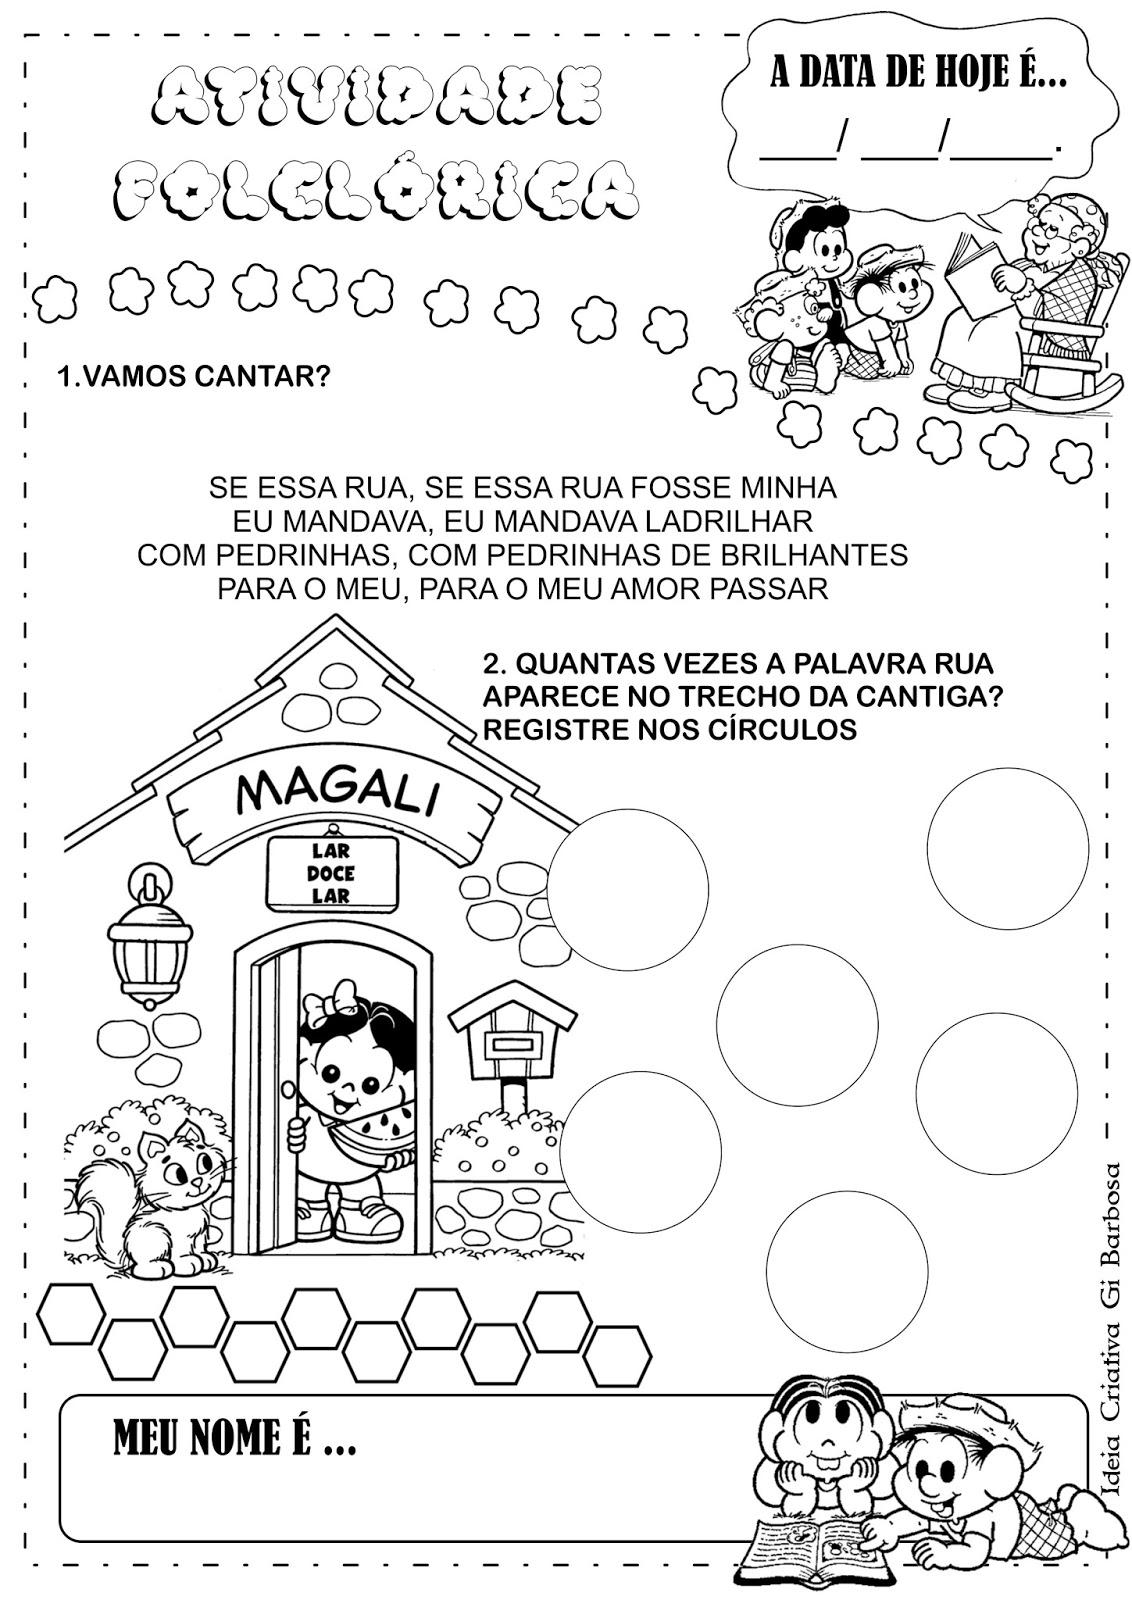 Populares Atividade Folclore Cantiga Se Essa Rua Fosse Minha | Ideia  HY71